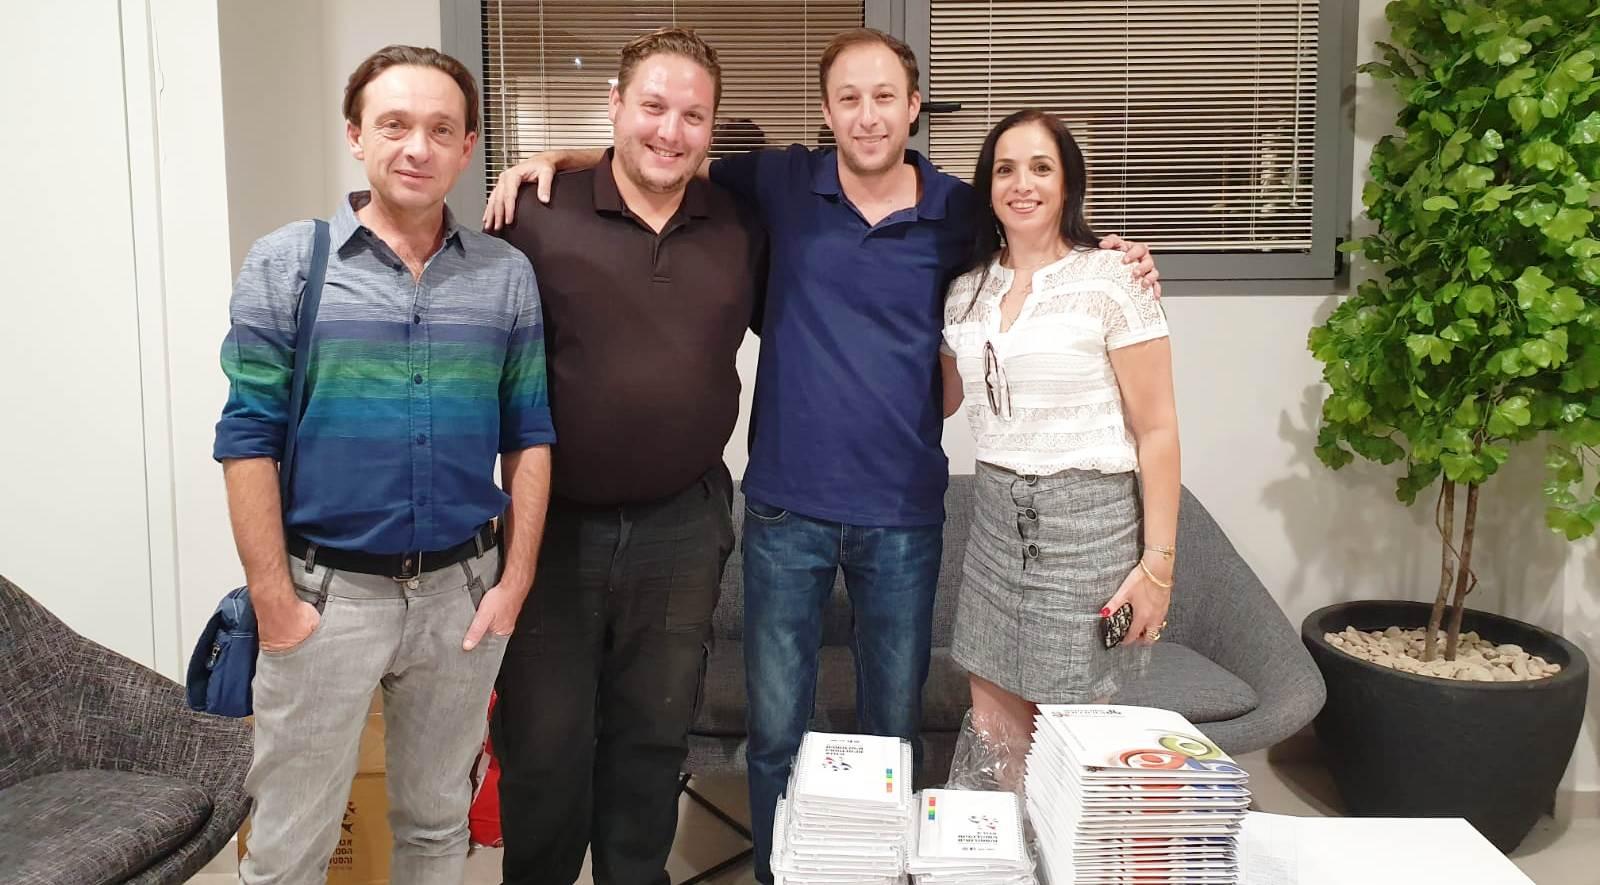 """יו""""ר האגודה, ליאור פליק, אופק ספיר, סגן הנשיאה, וצוות קמפוס חיפה."""